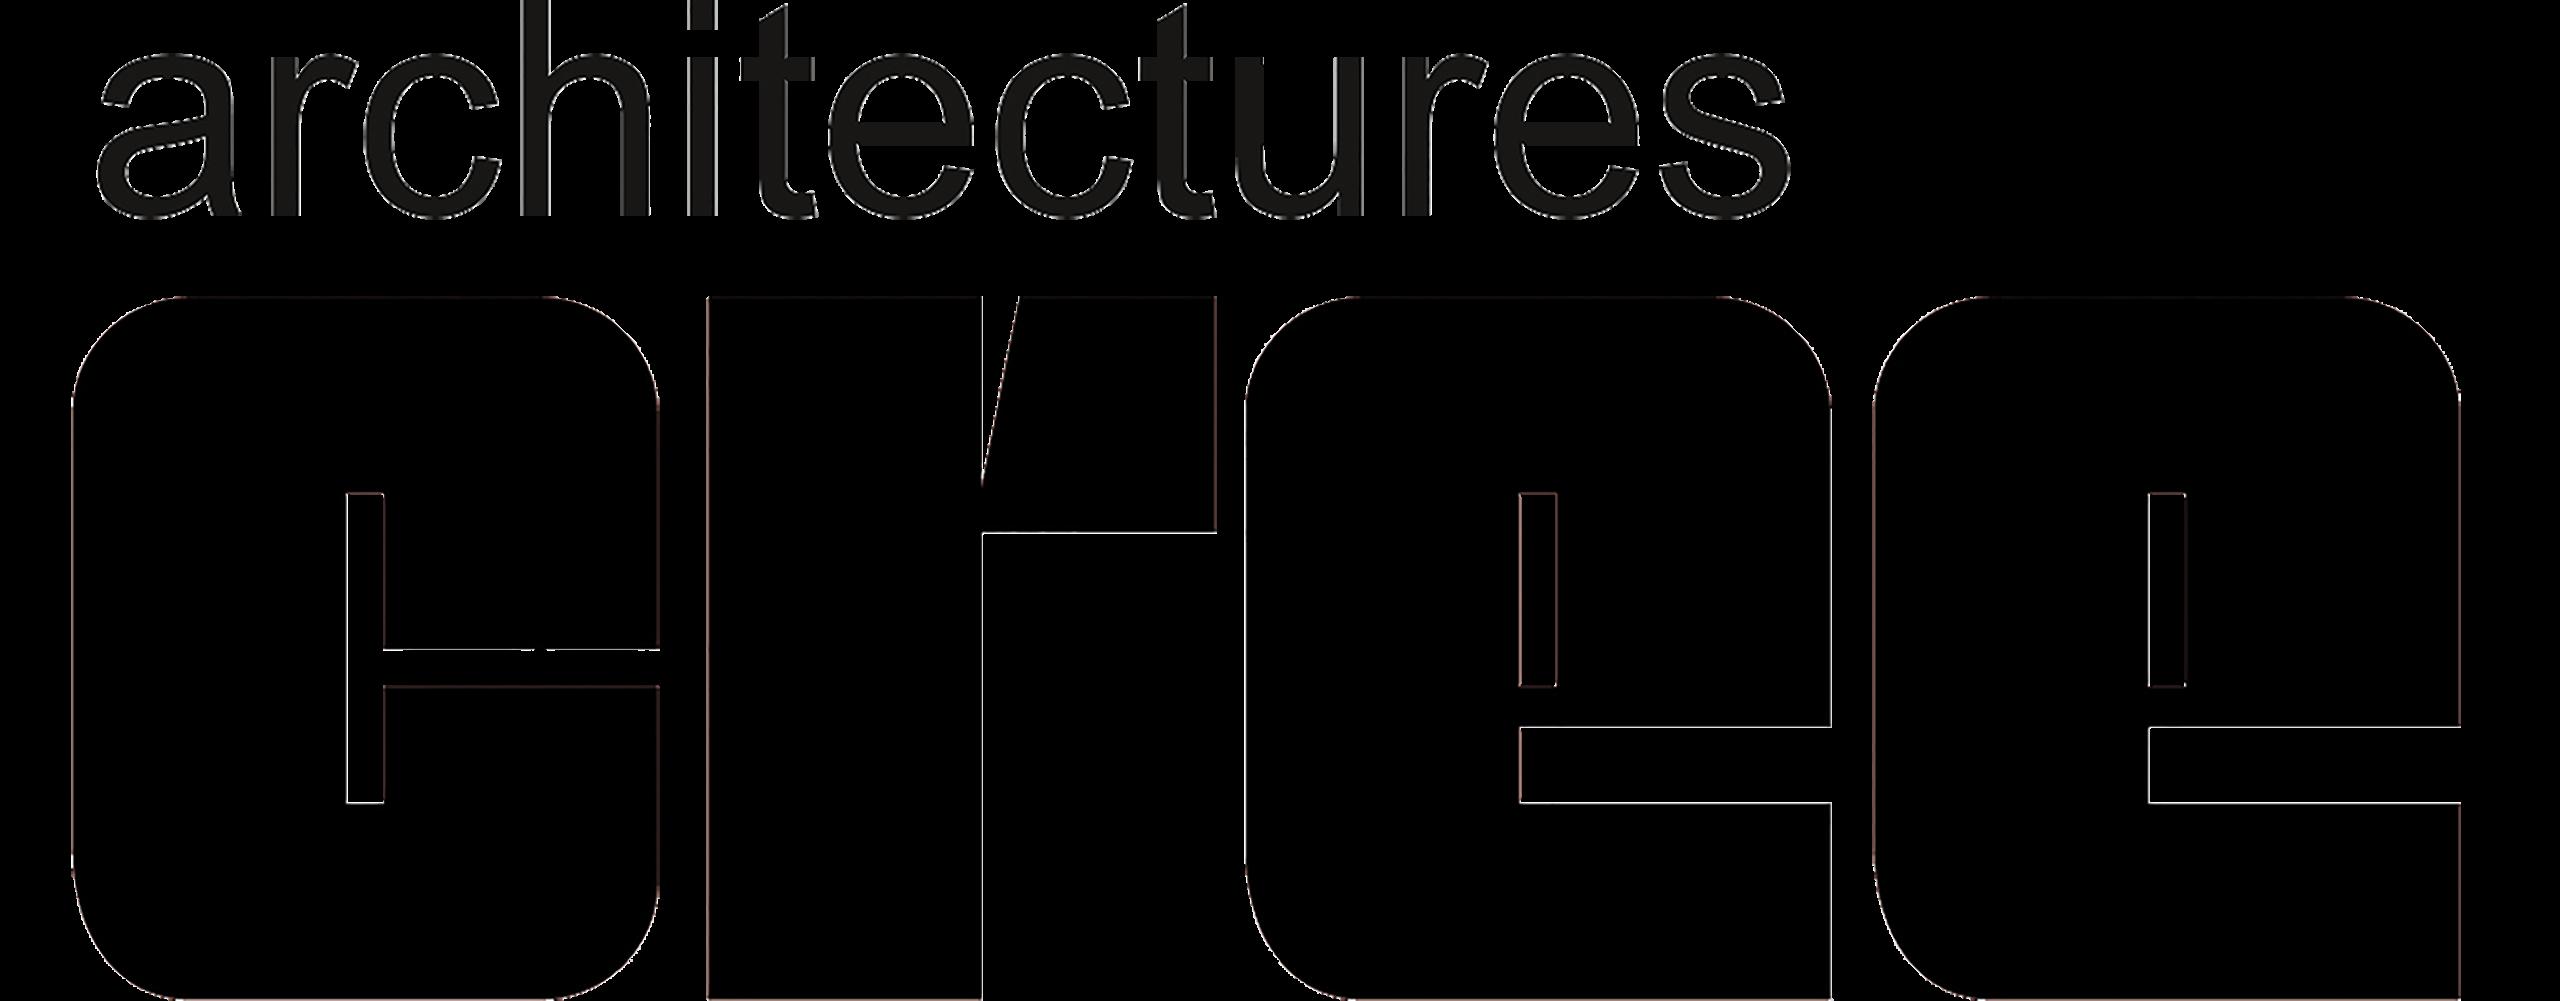 Archicree – Créations et Recherches Esthétiques Européennes